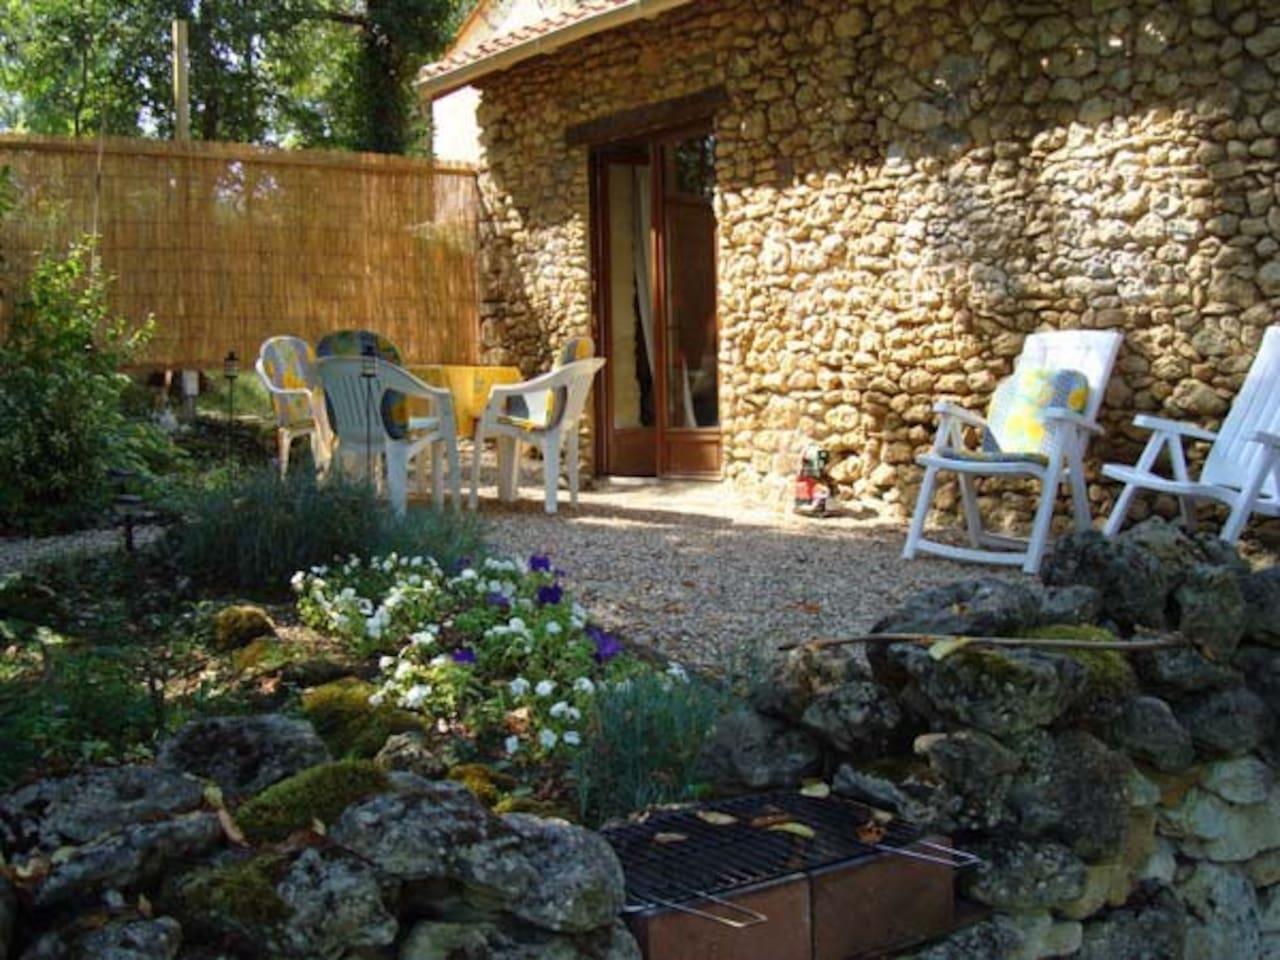 La petite maison from the garden